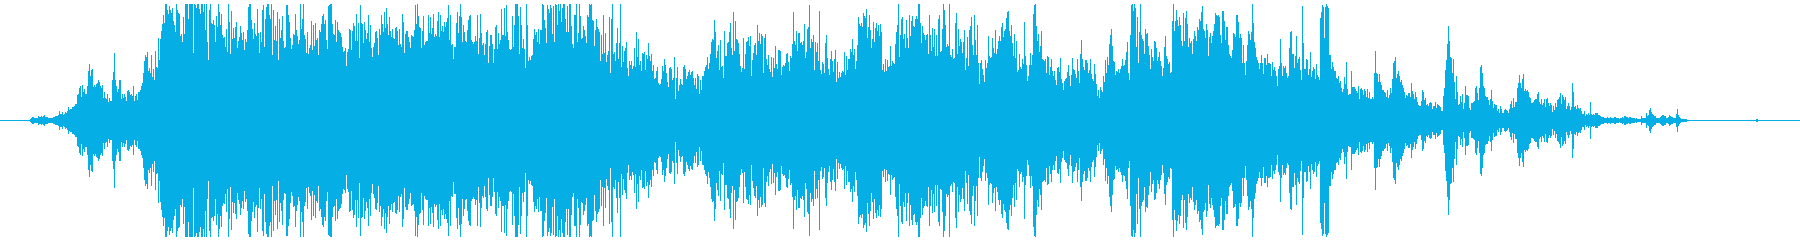 メタル 大音量03の再生済みの波形